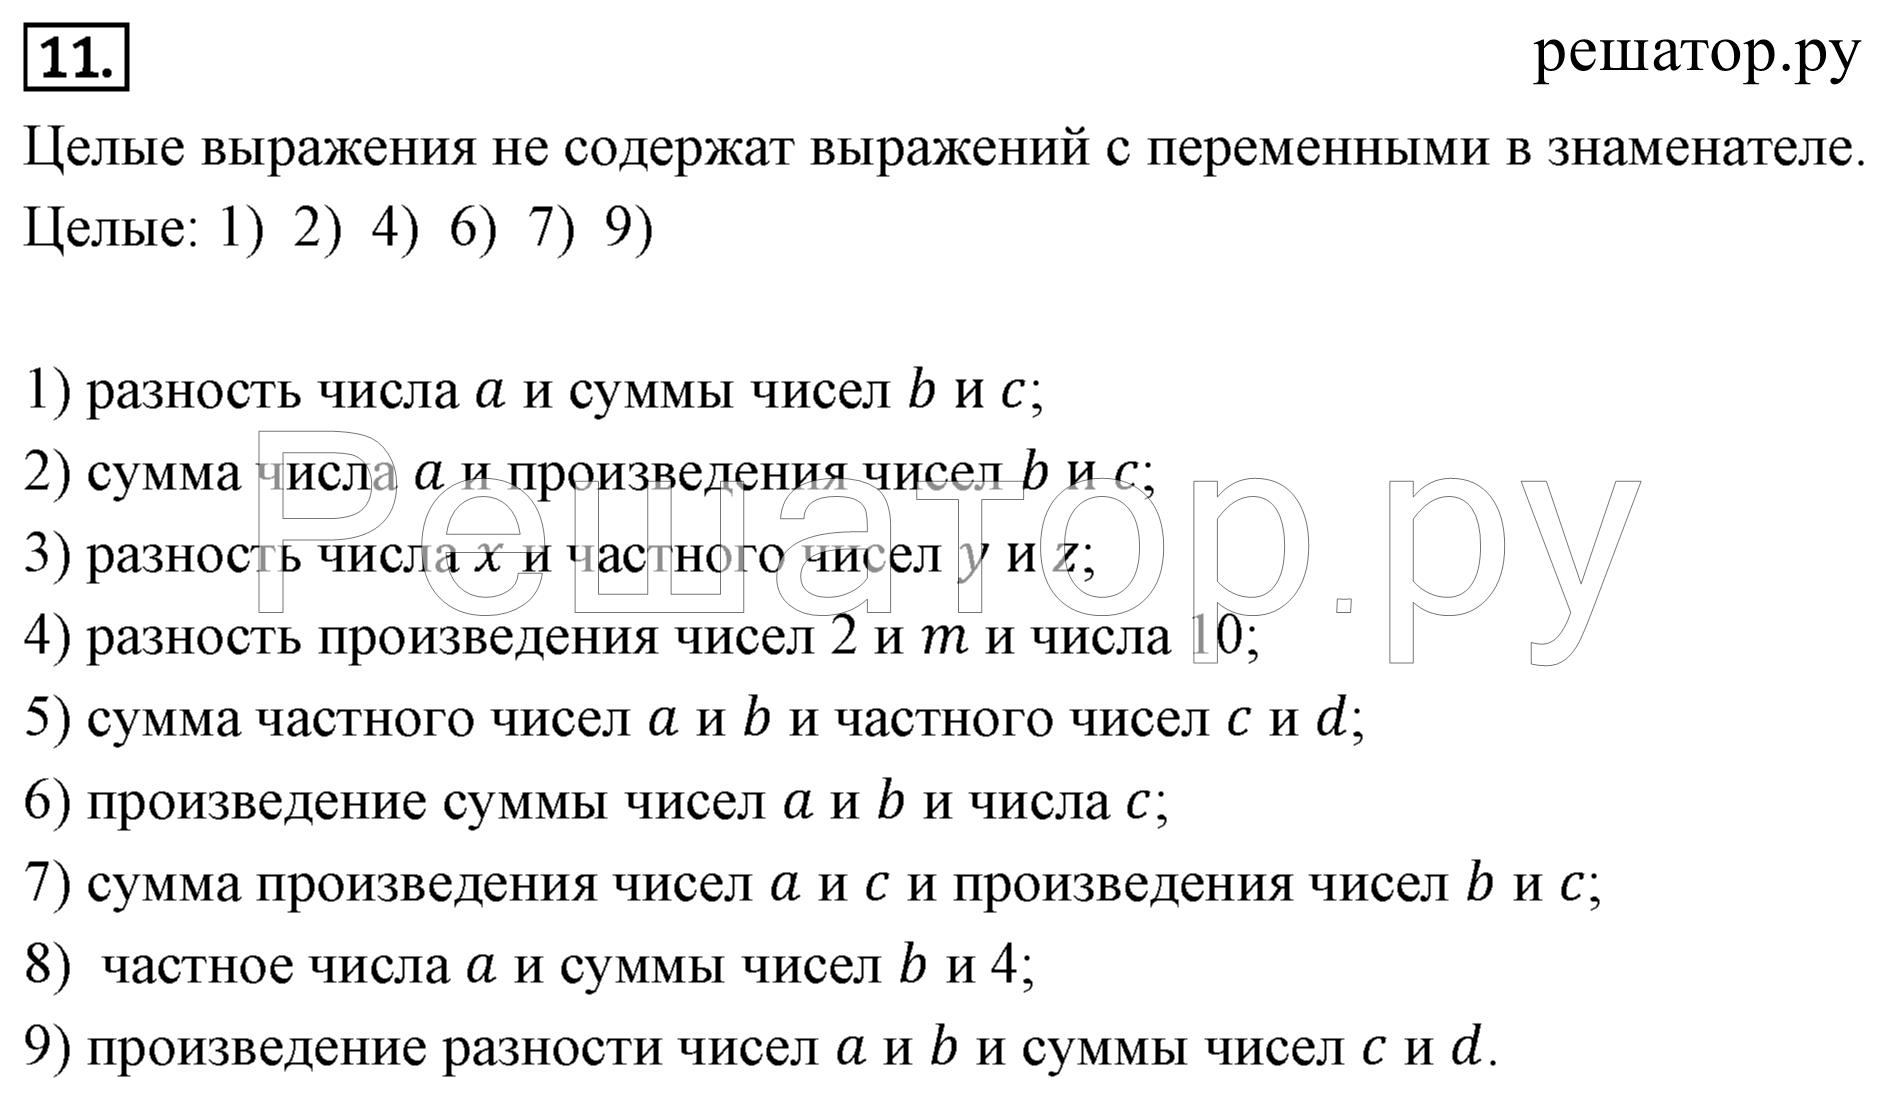 гдз по русскому 7 класс ладыженская вопросы